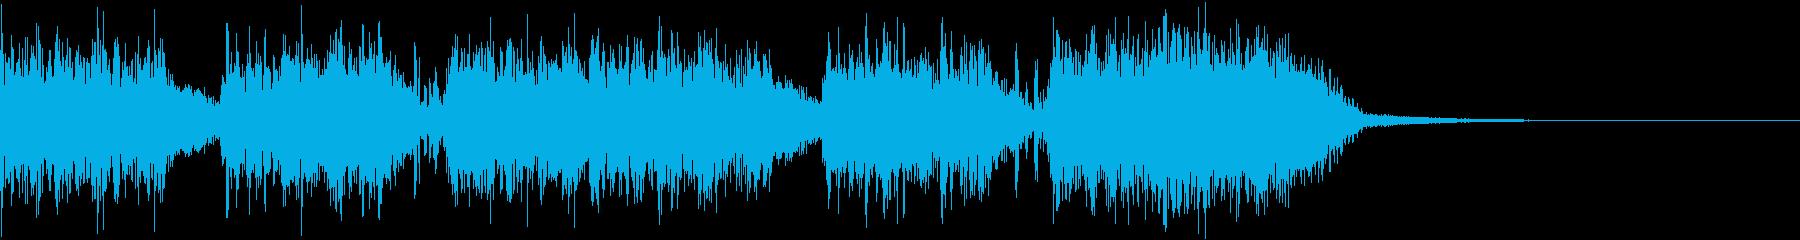 エネルギッシュ・ロックなサウンドロゴ10の再生済みの波形